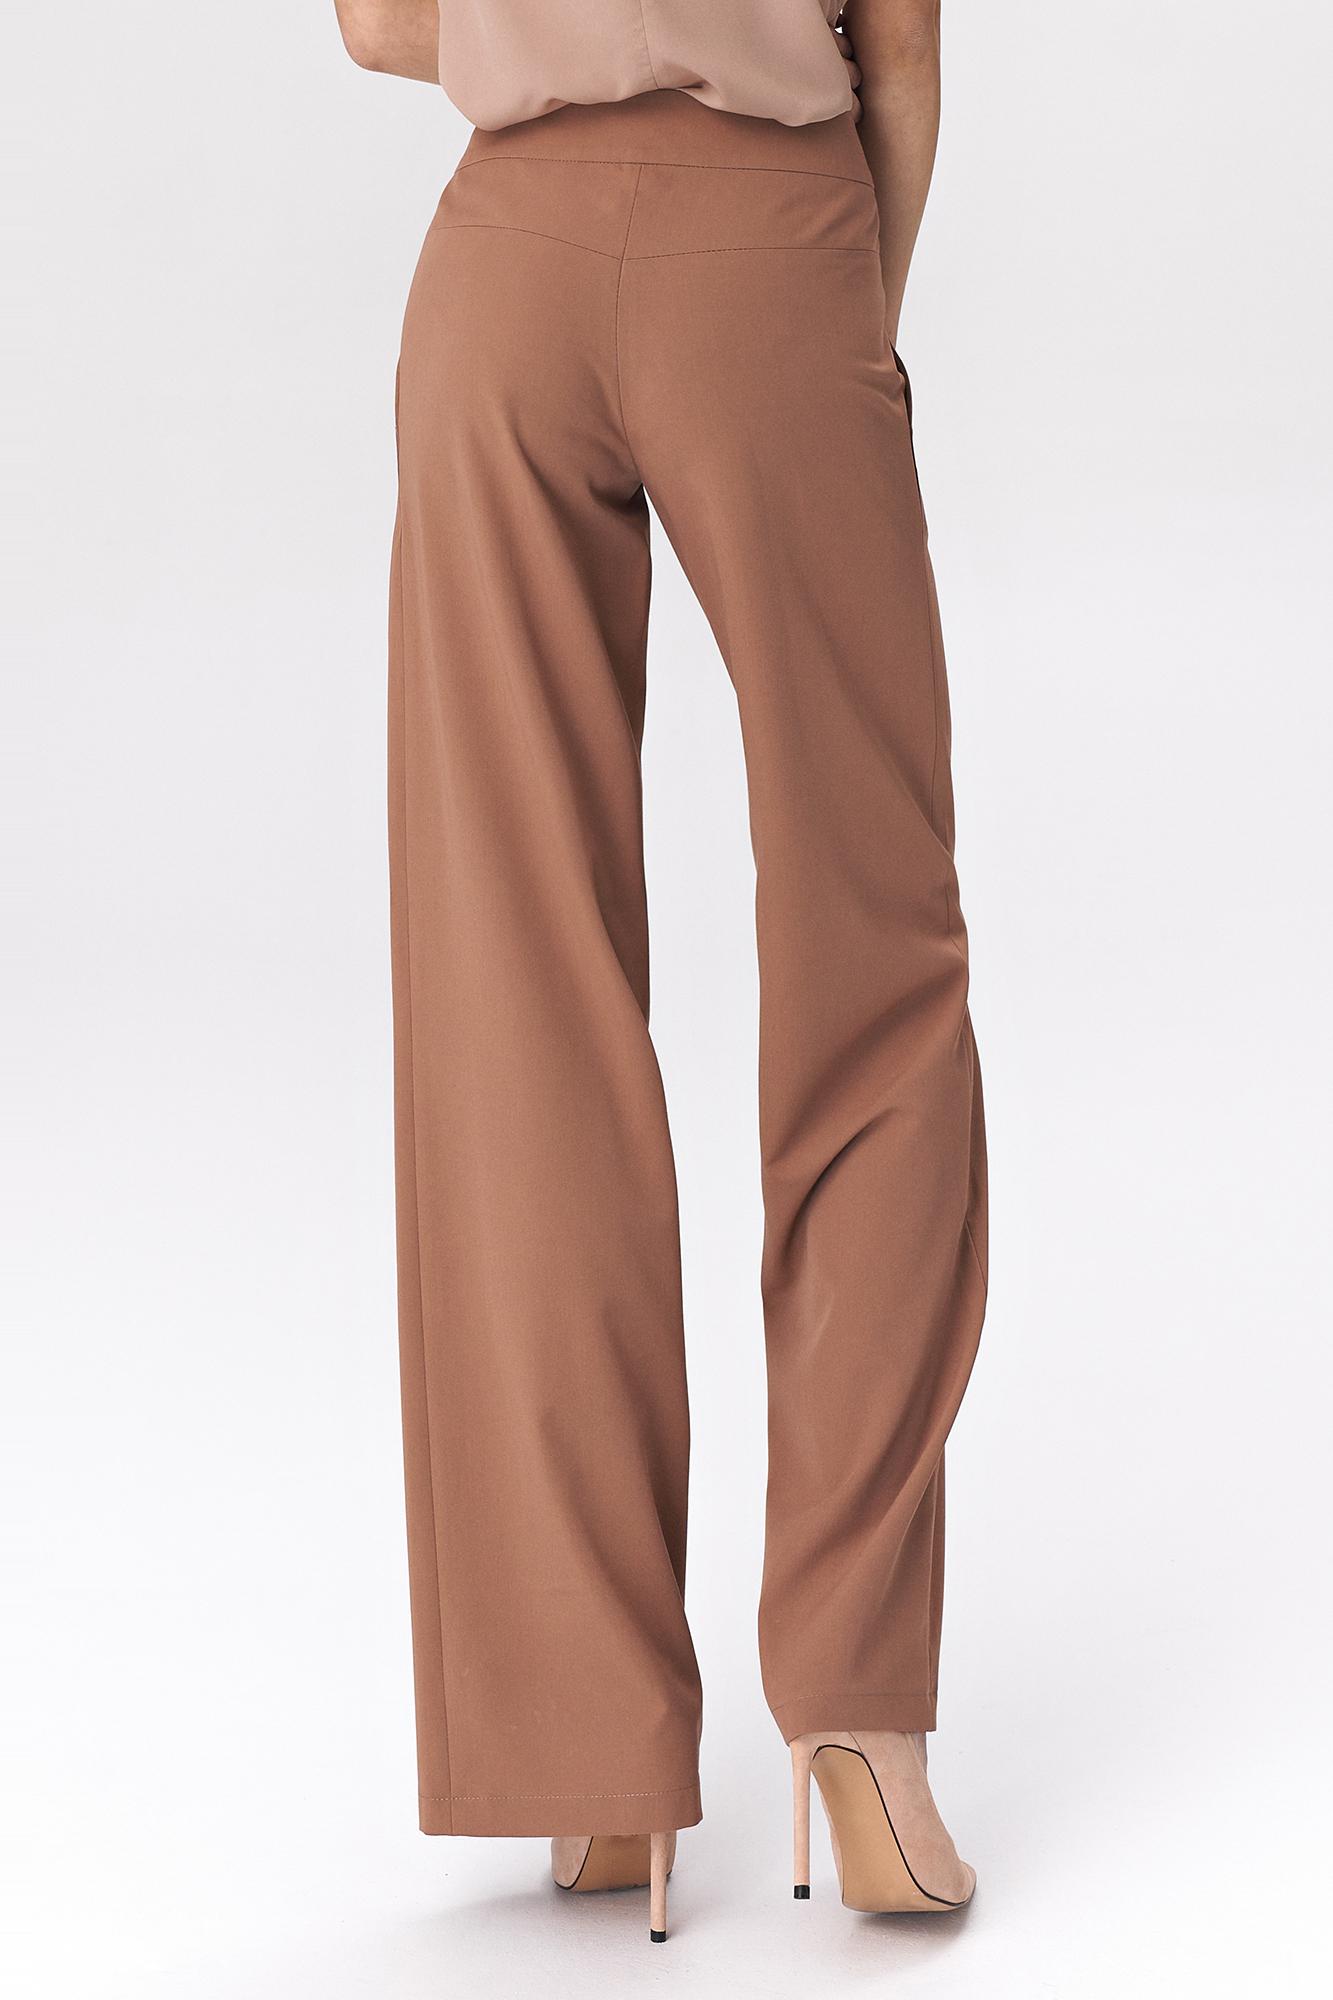 Nife - Karmelowe spodnie palazzo 6